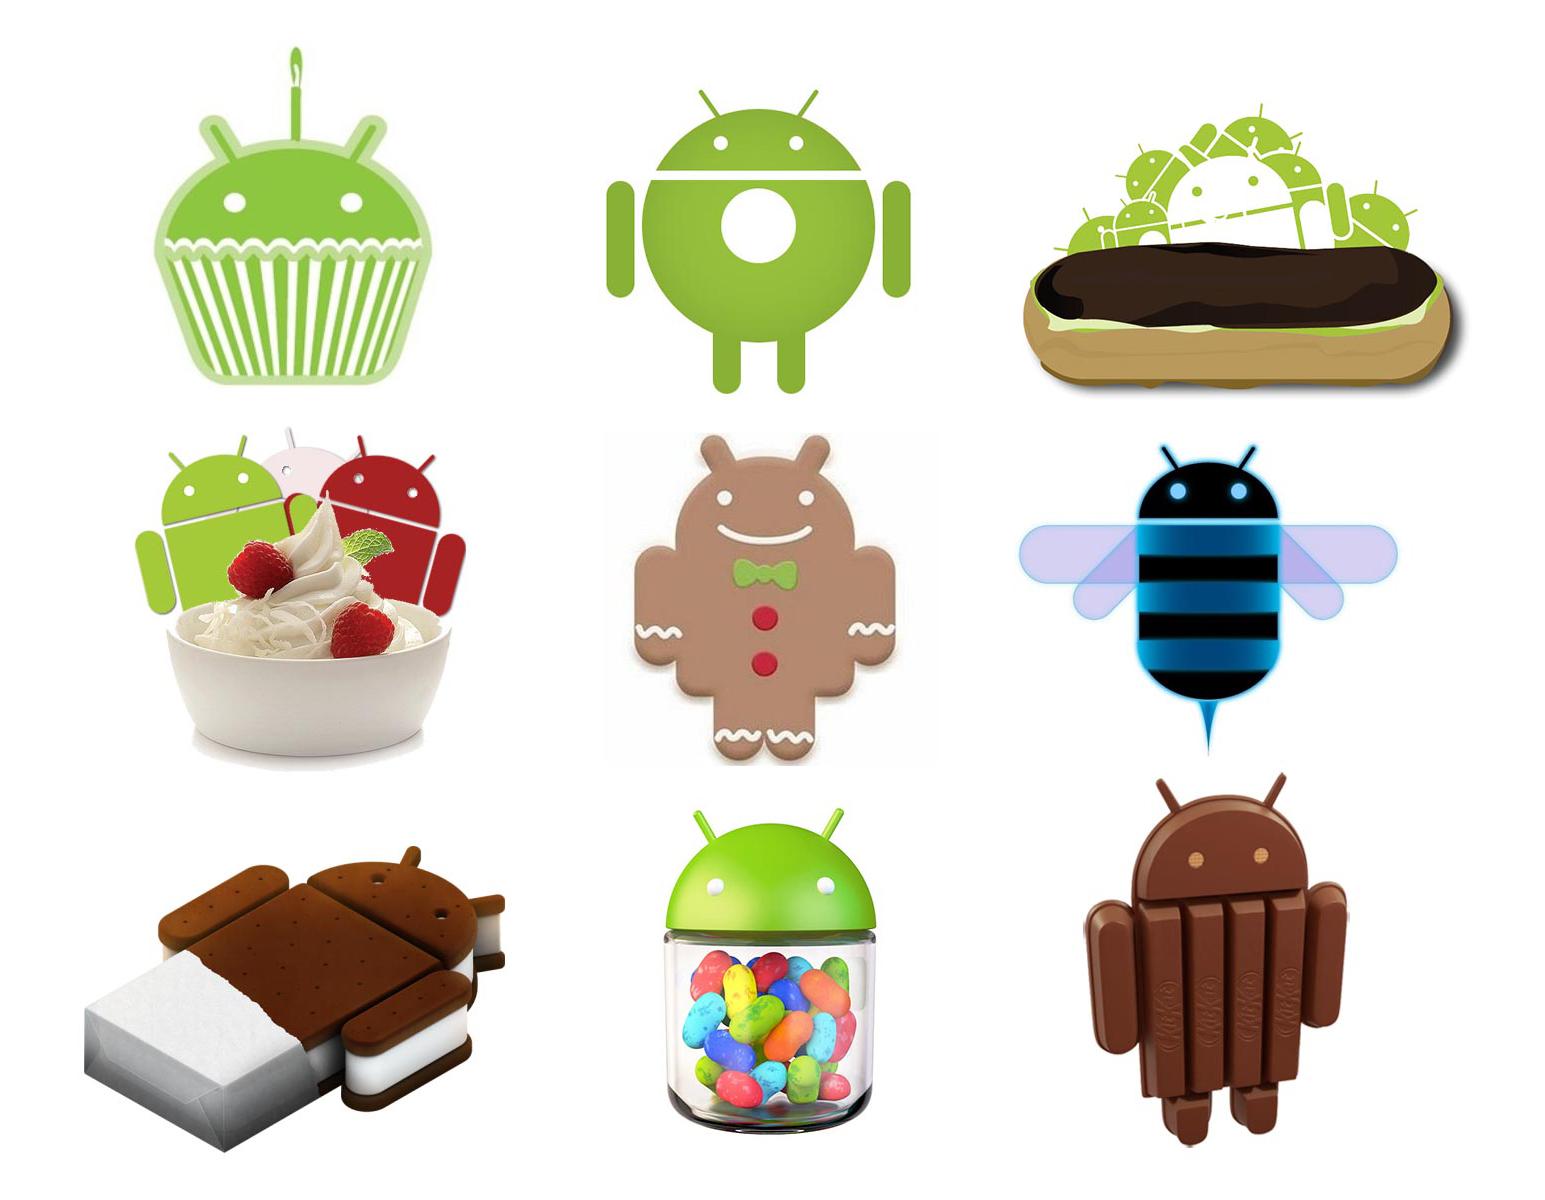 android_cupcake_to_kitkat.jpg